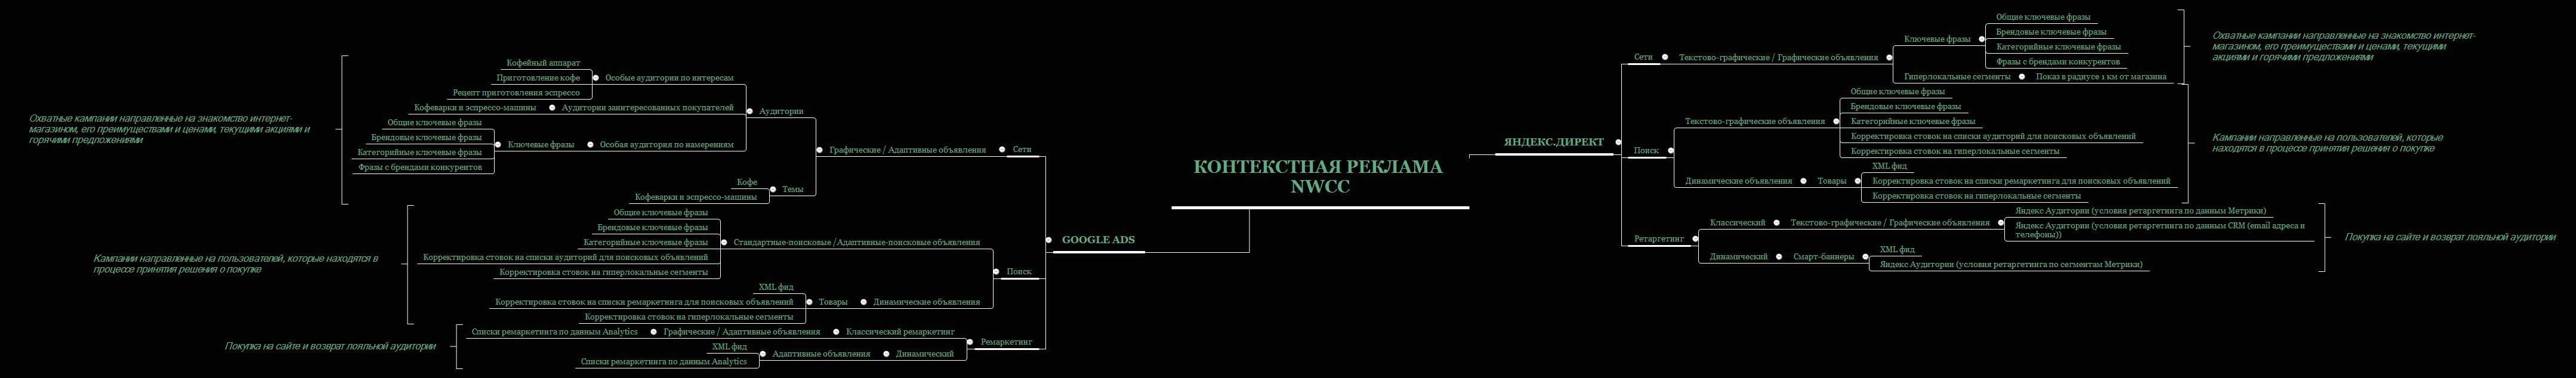 Контекстная реклама NWCC